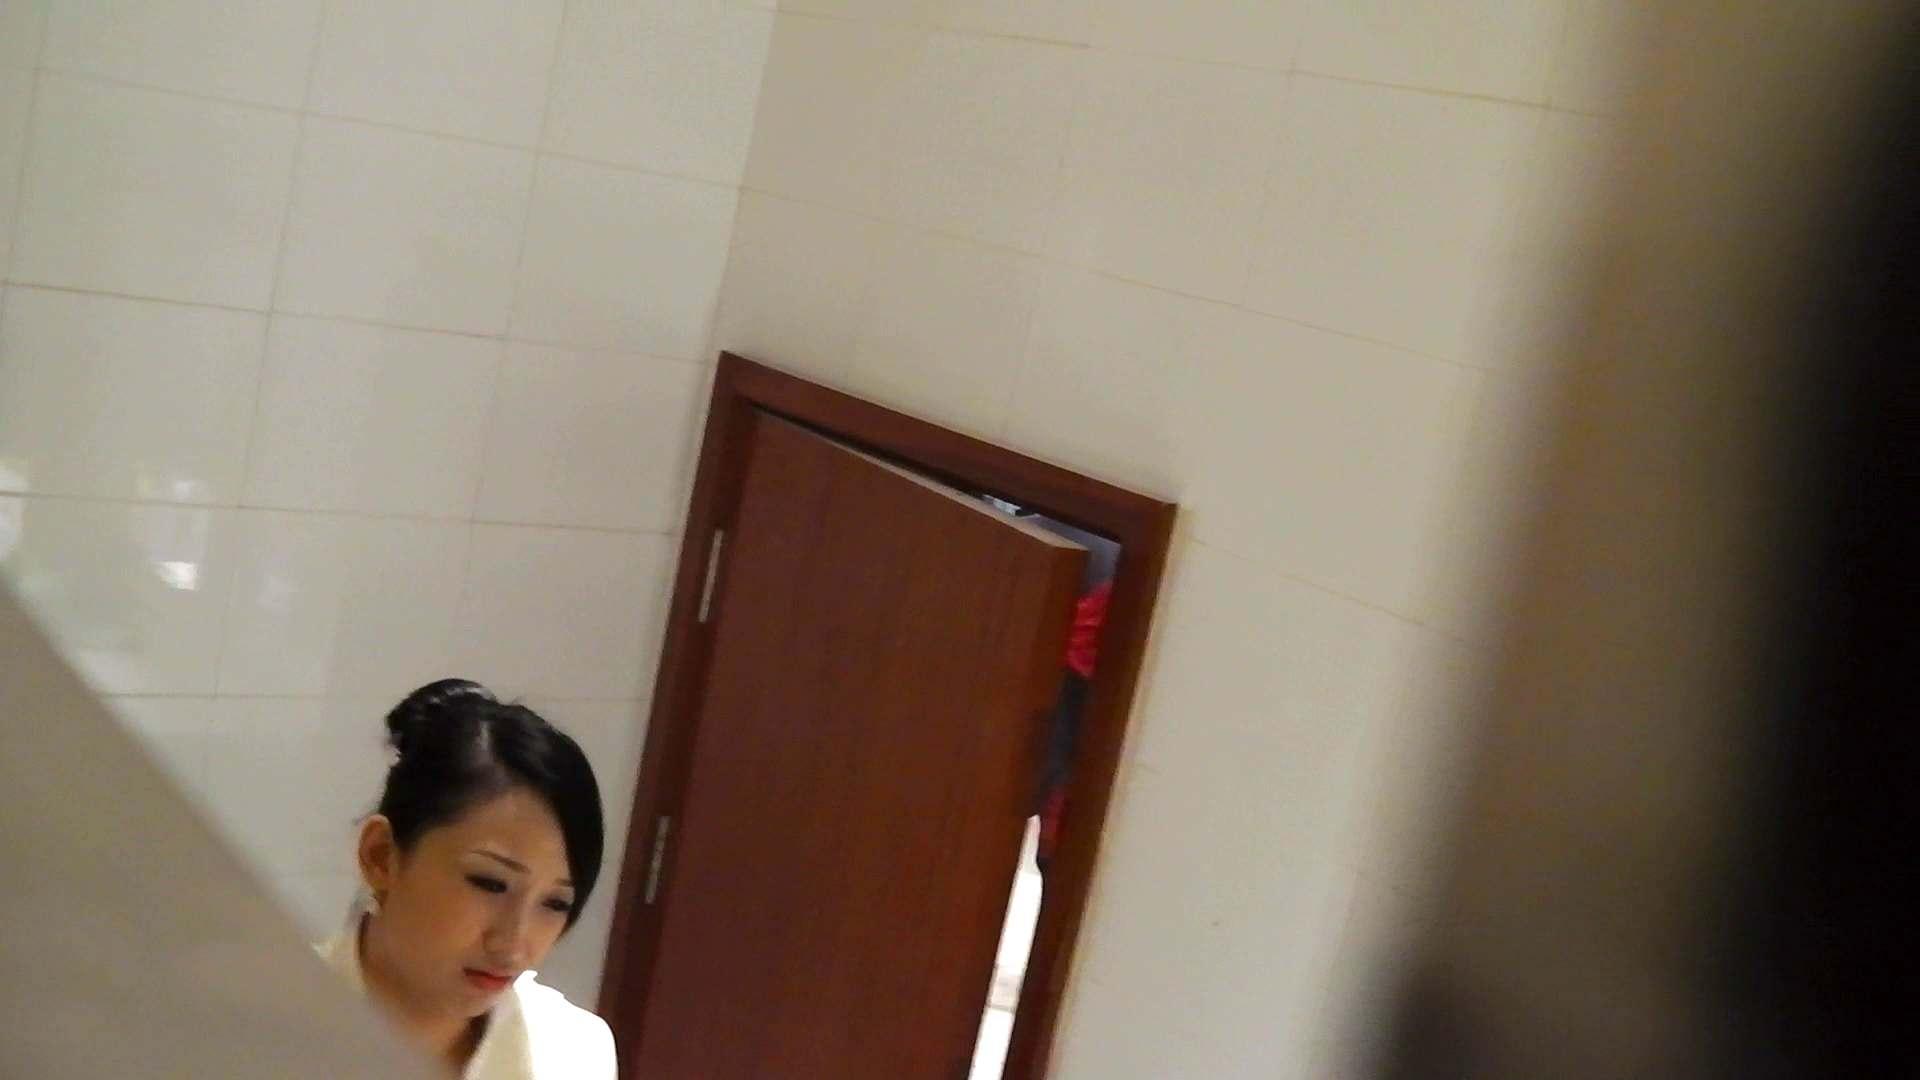 洗寿観音さんの 化粧室は四面楚歌Nol.5 洗面所  108枚 12